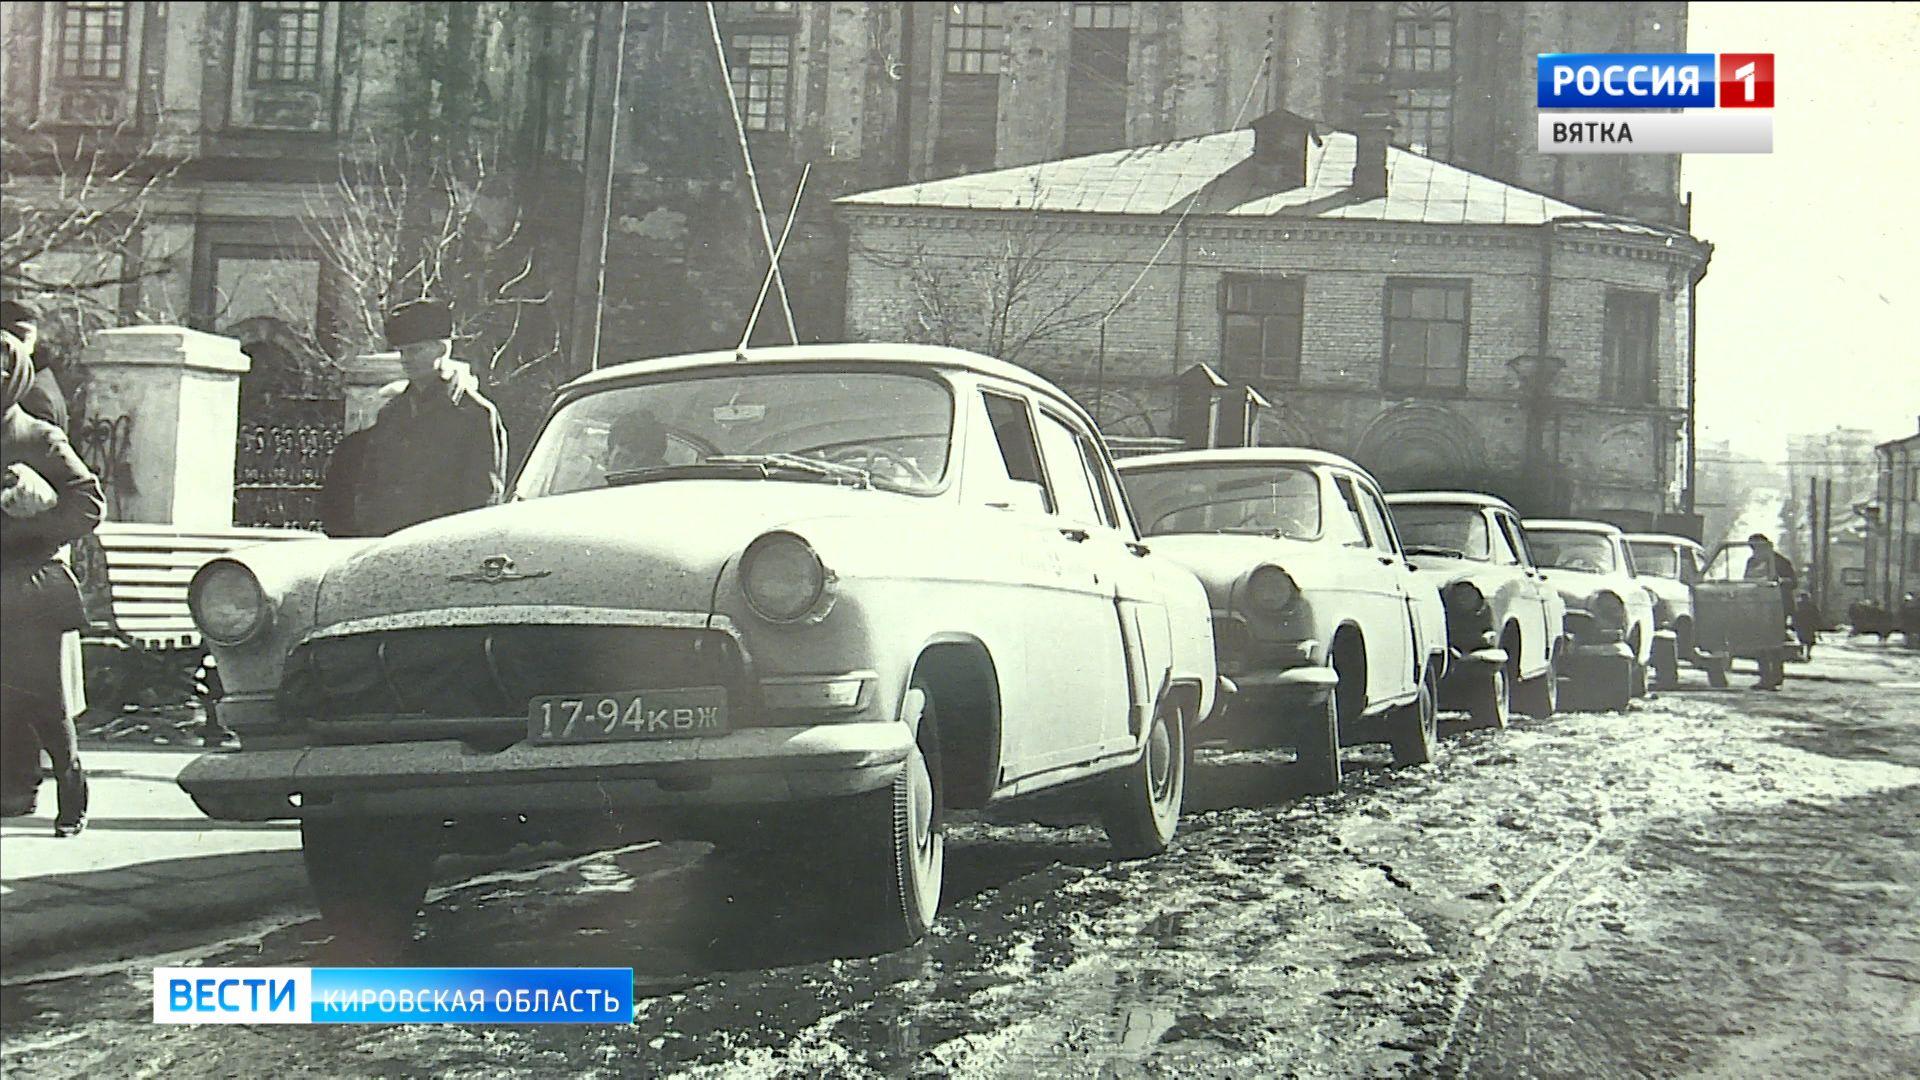 «Сто лет в объективе»: в областном краеведческом музее открылась выставка фотографий старой Вятки